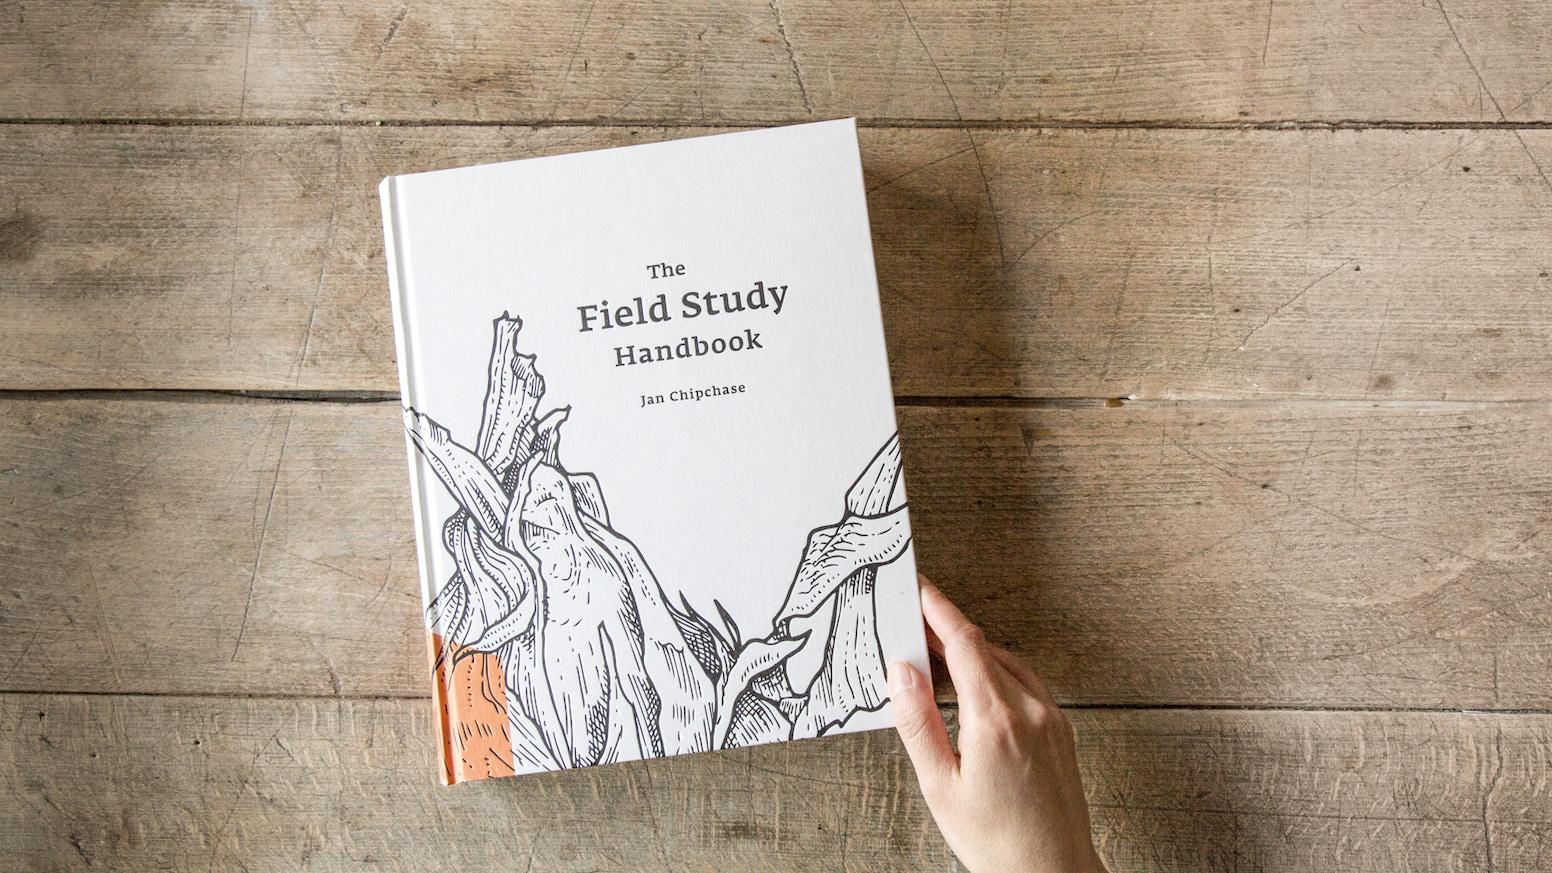 Fields of Study : Graduate School